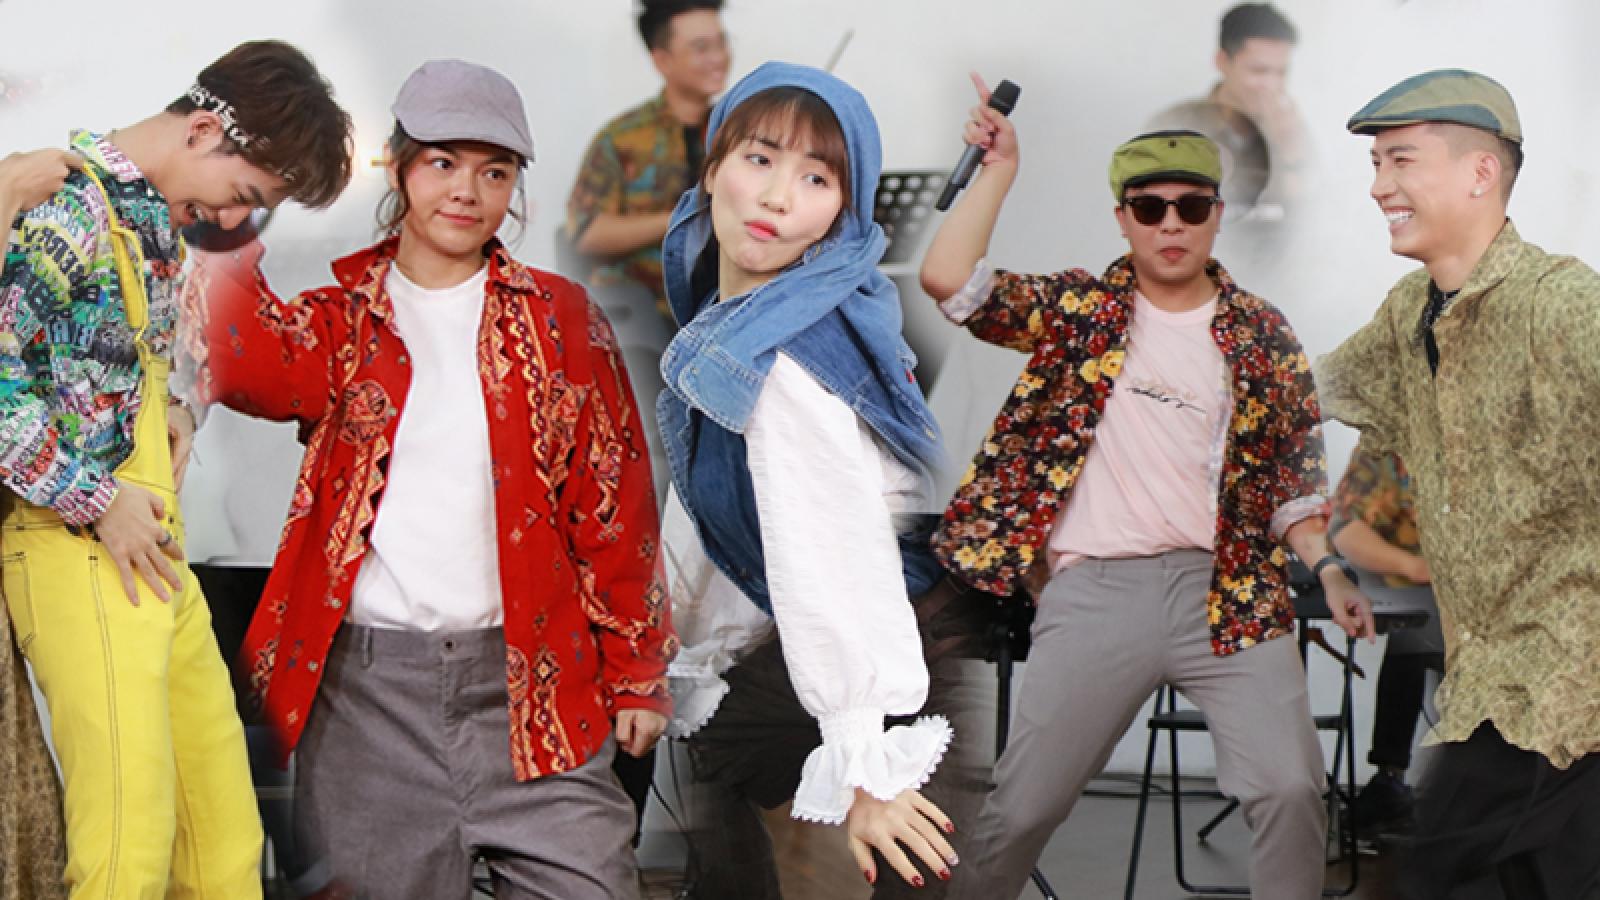 Phạm Quỳnh Anh, Hoà Minzy song ca khoe giọng trong loạt hit Vpop những năm 2000